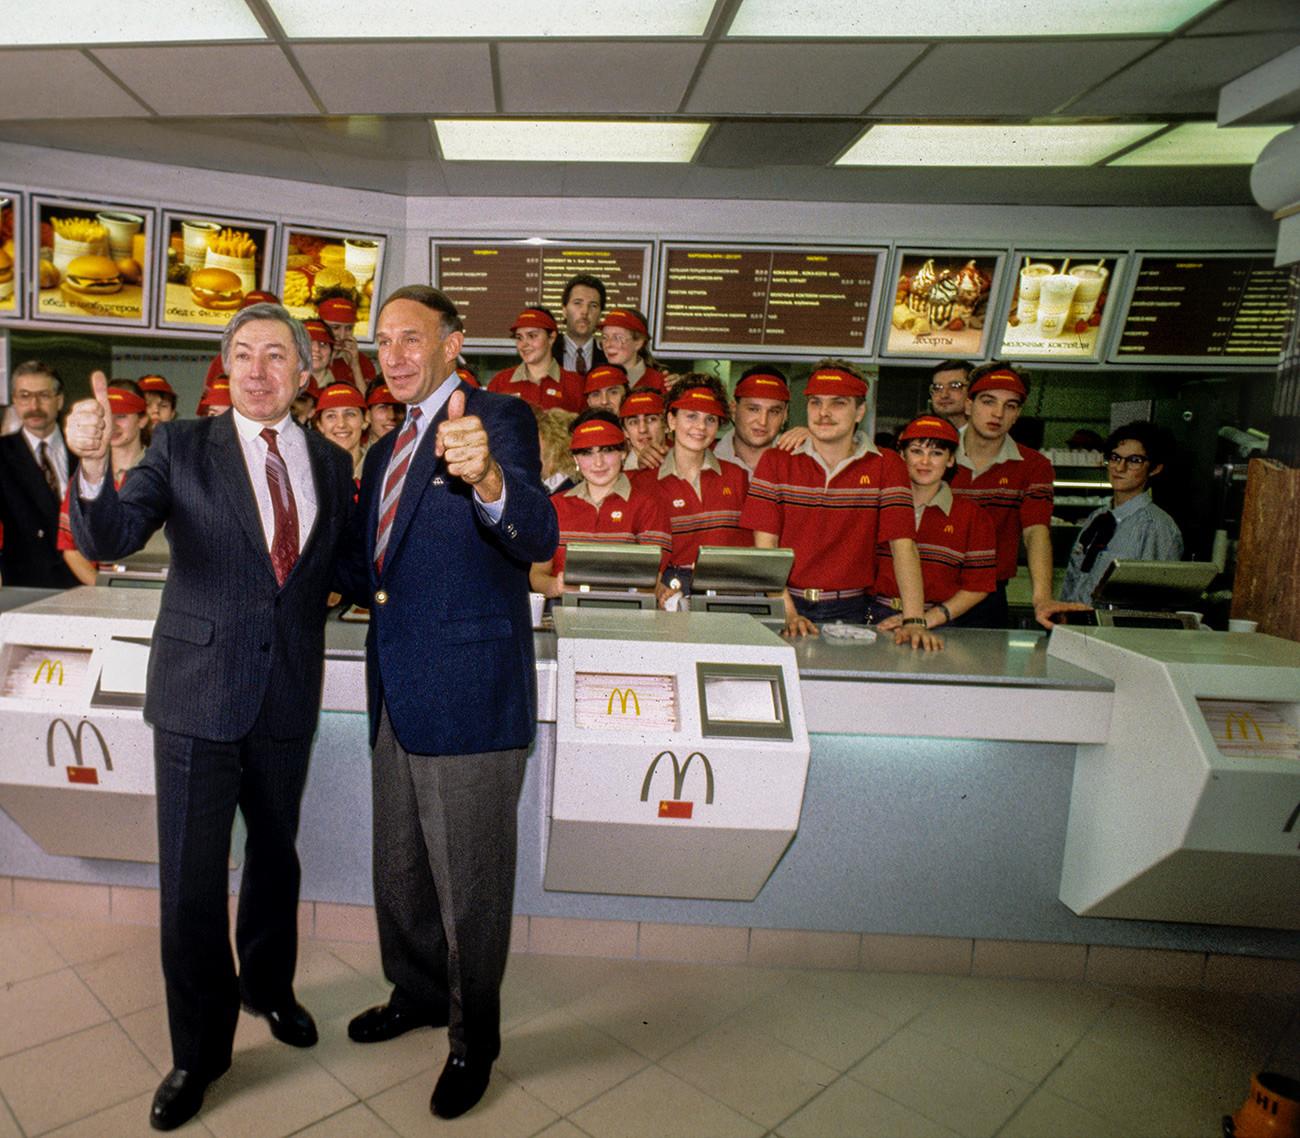 """Владимир Малишков (лево), руководилац заједничког совјетско-канадског ресторана """"Мекдоналдс"""", председник управног одбора, и Џорџ А. Кохон, заменик шефа ресторана """"Мекдоналдс""""."""